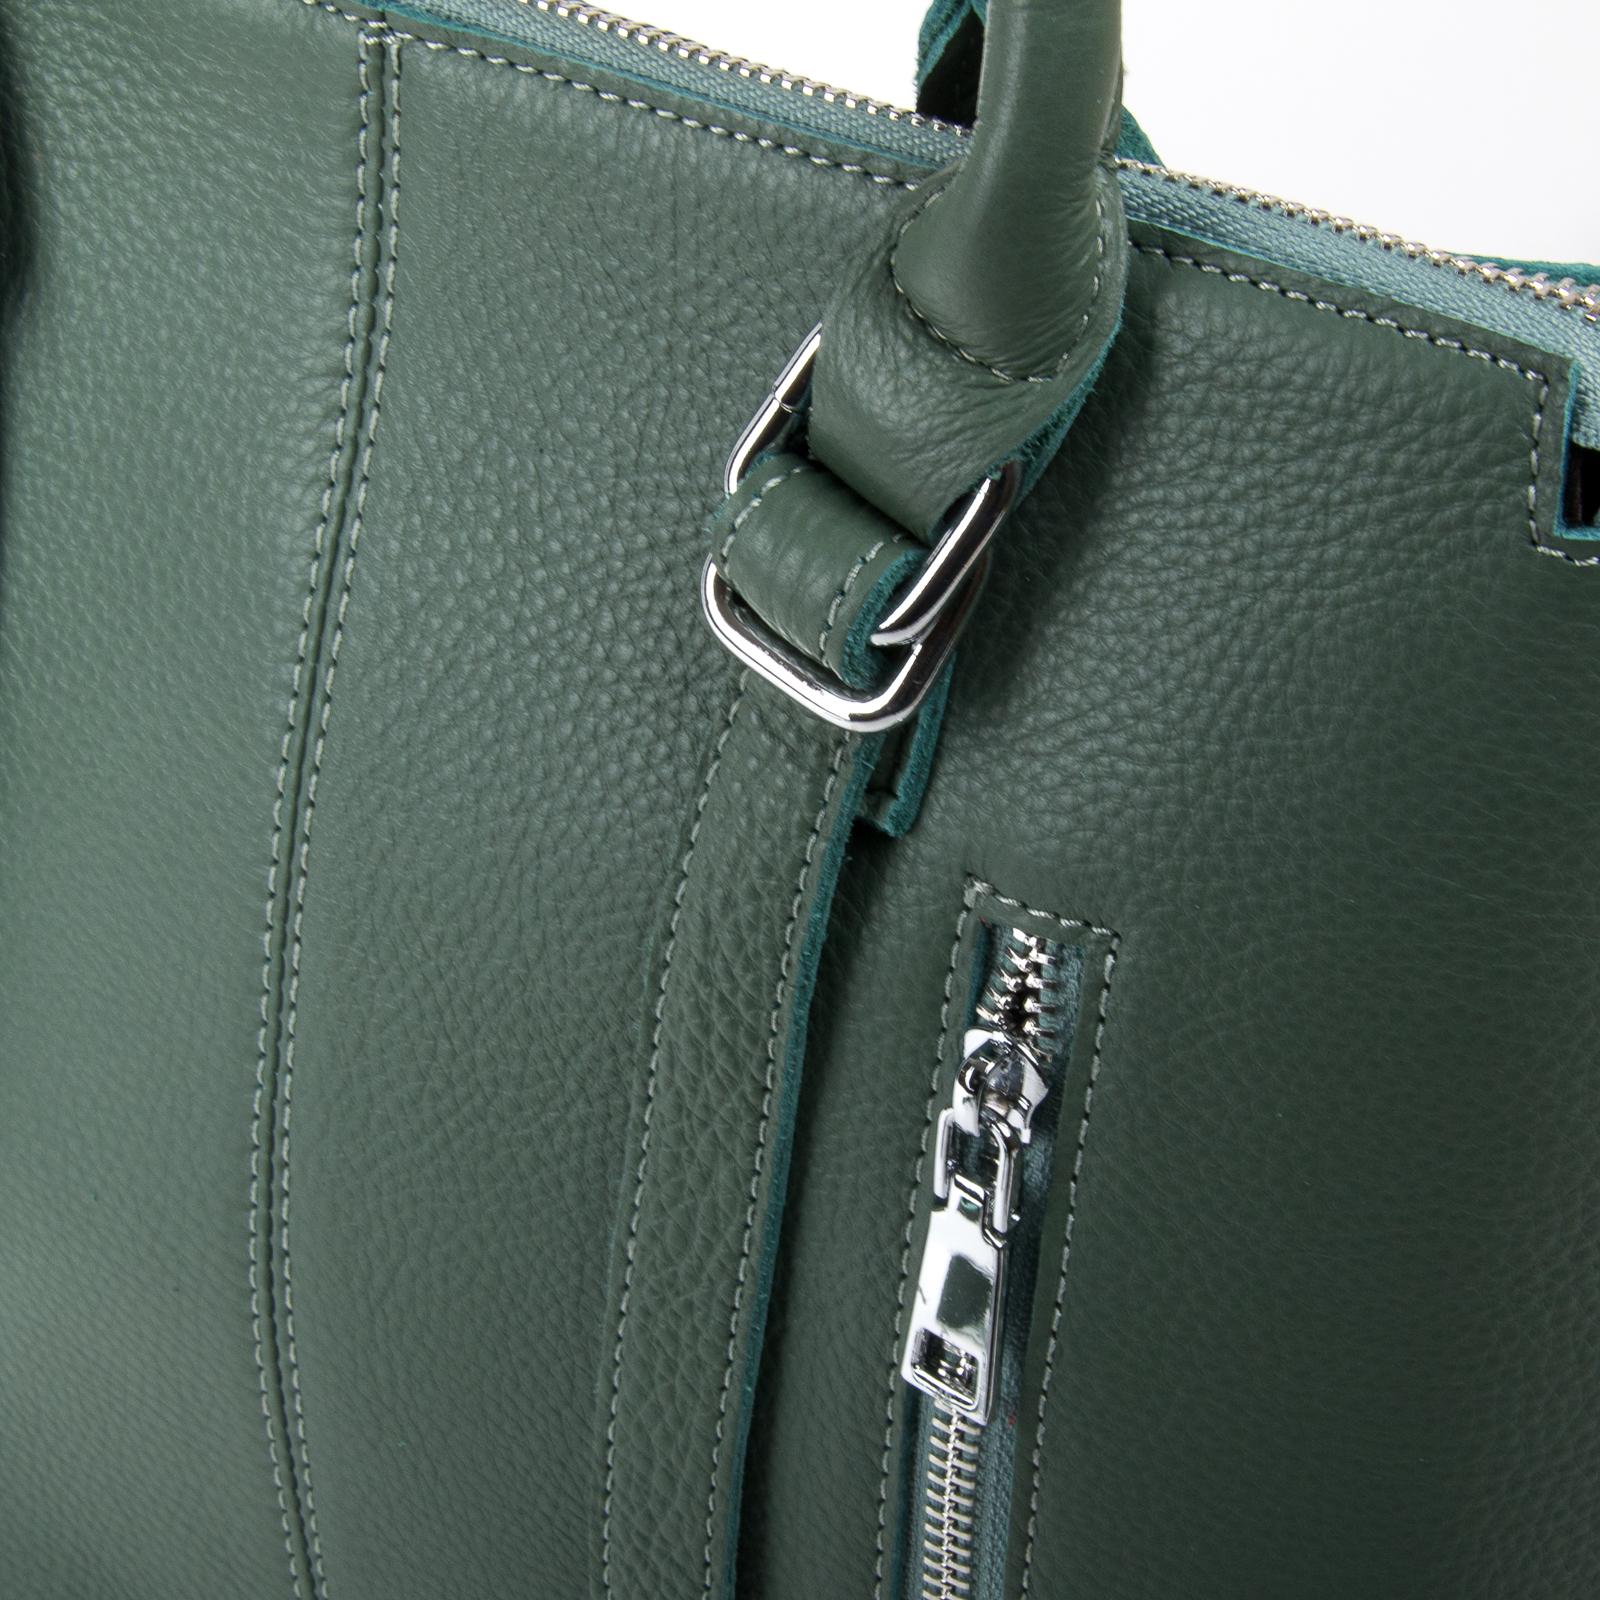 Сумка Женская Классическая кожа ALEX RAI 03-01 7125 light-green - фото 3